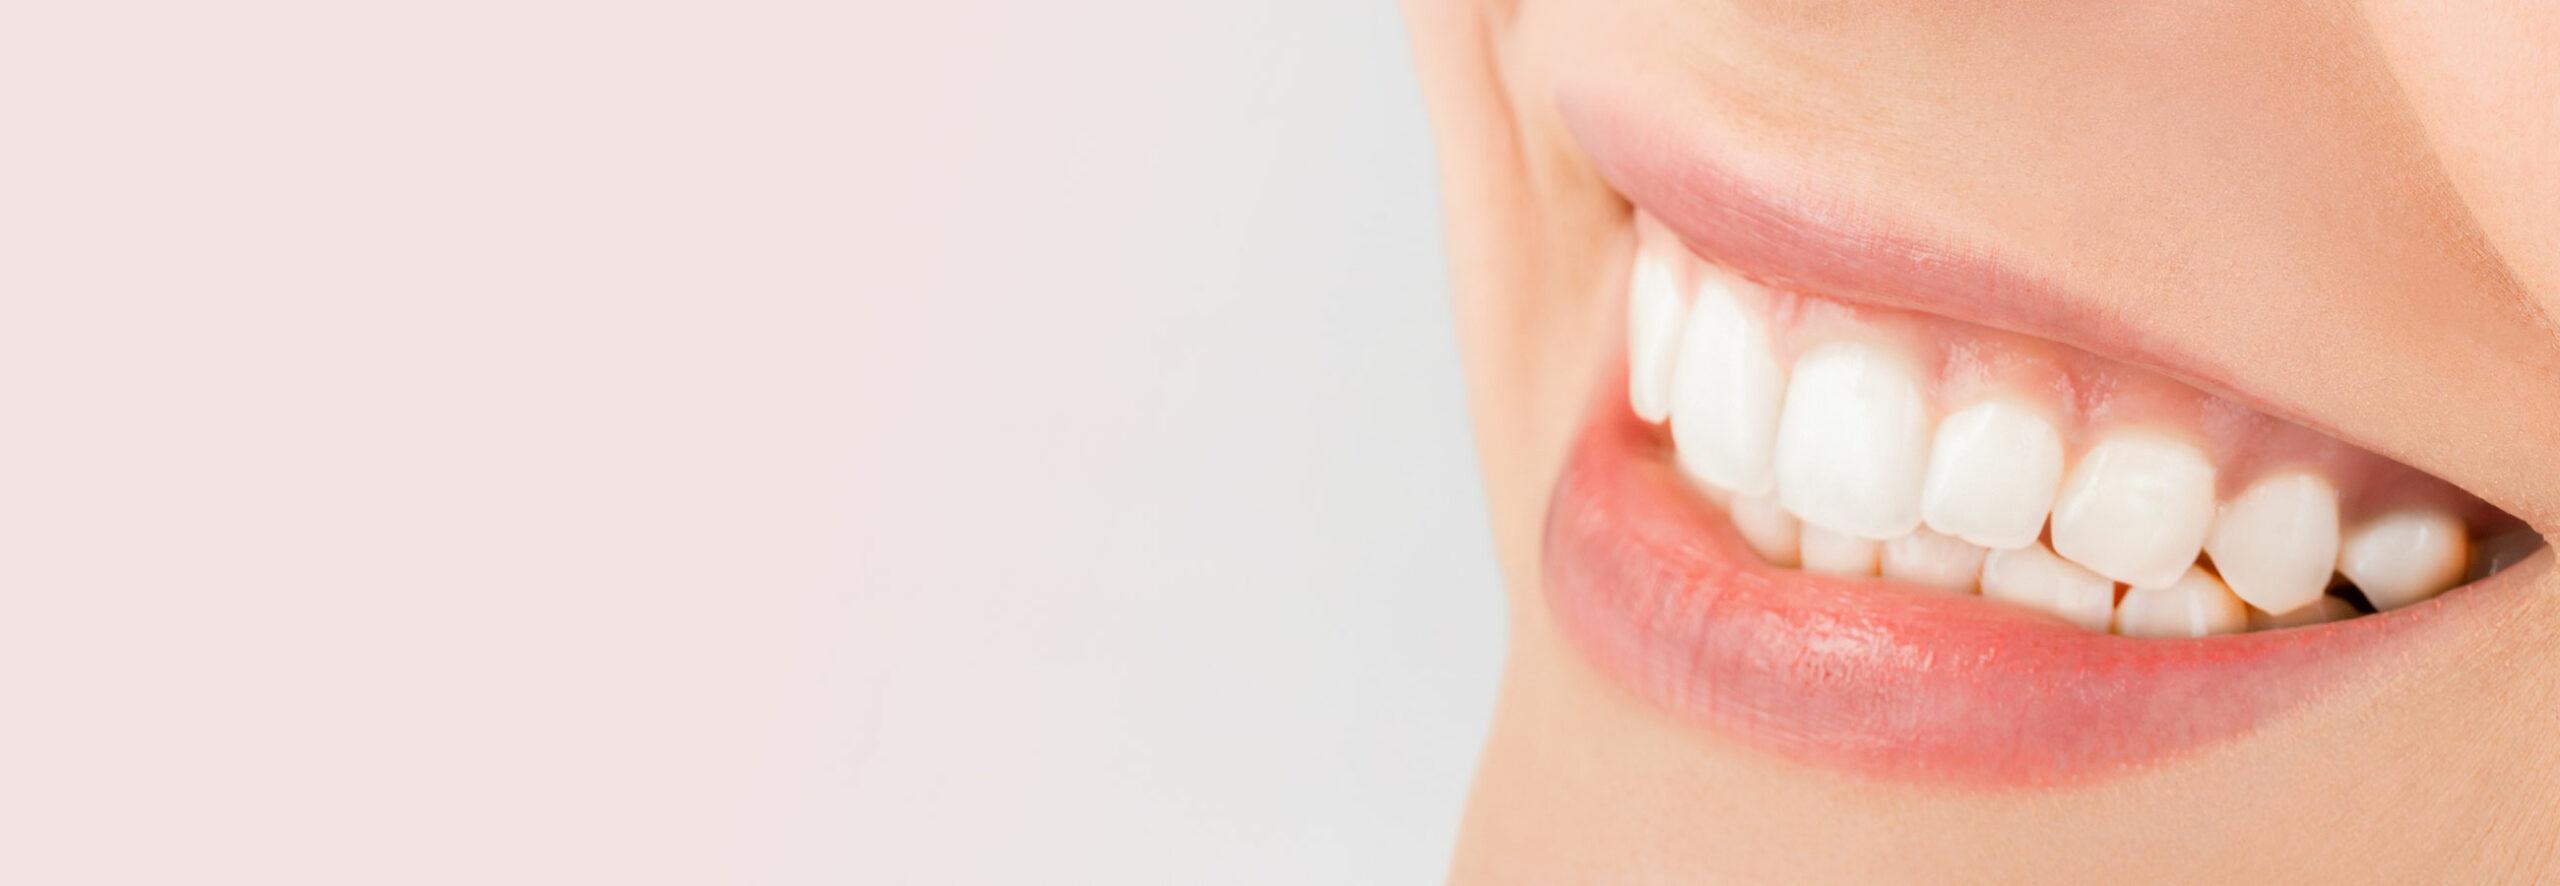 Weiße Zähne nach dem Zahnbleaching in Berlin-Spandau.